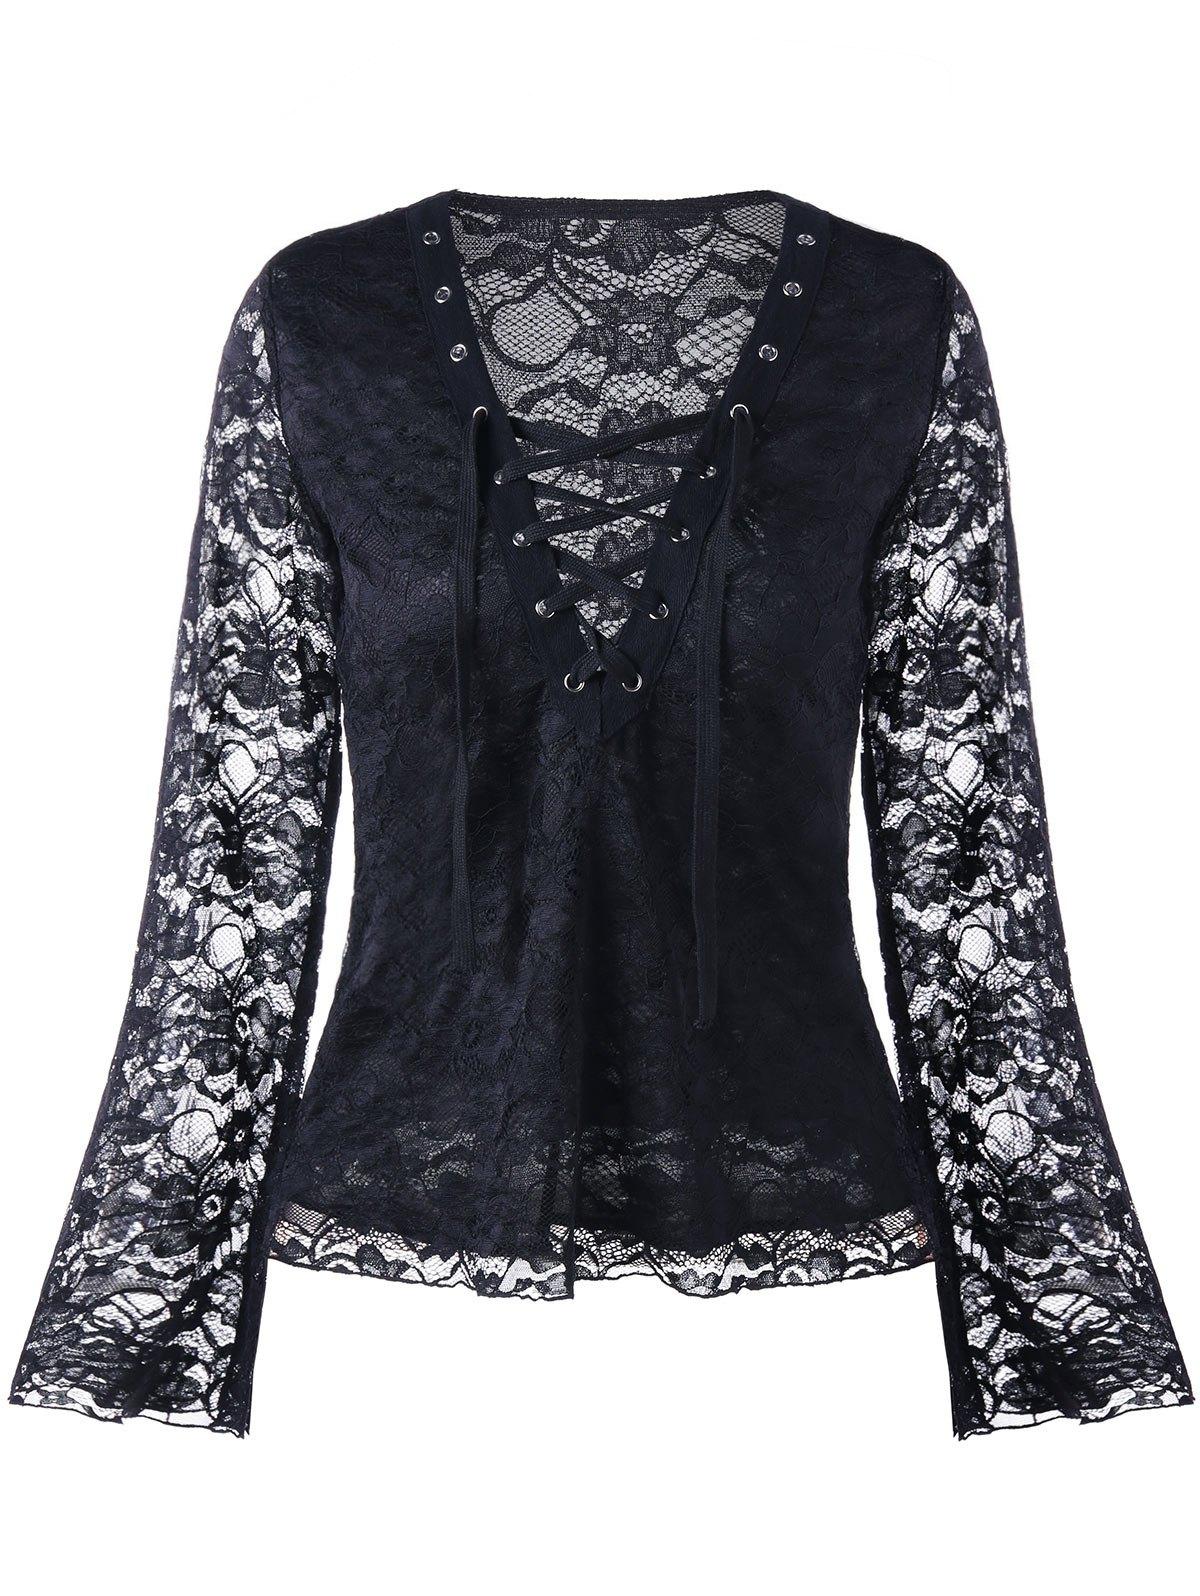 Spitzen V-Ausschnitt Lace Up Bluse